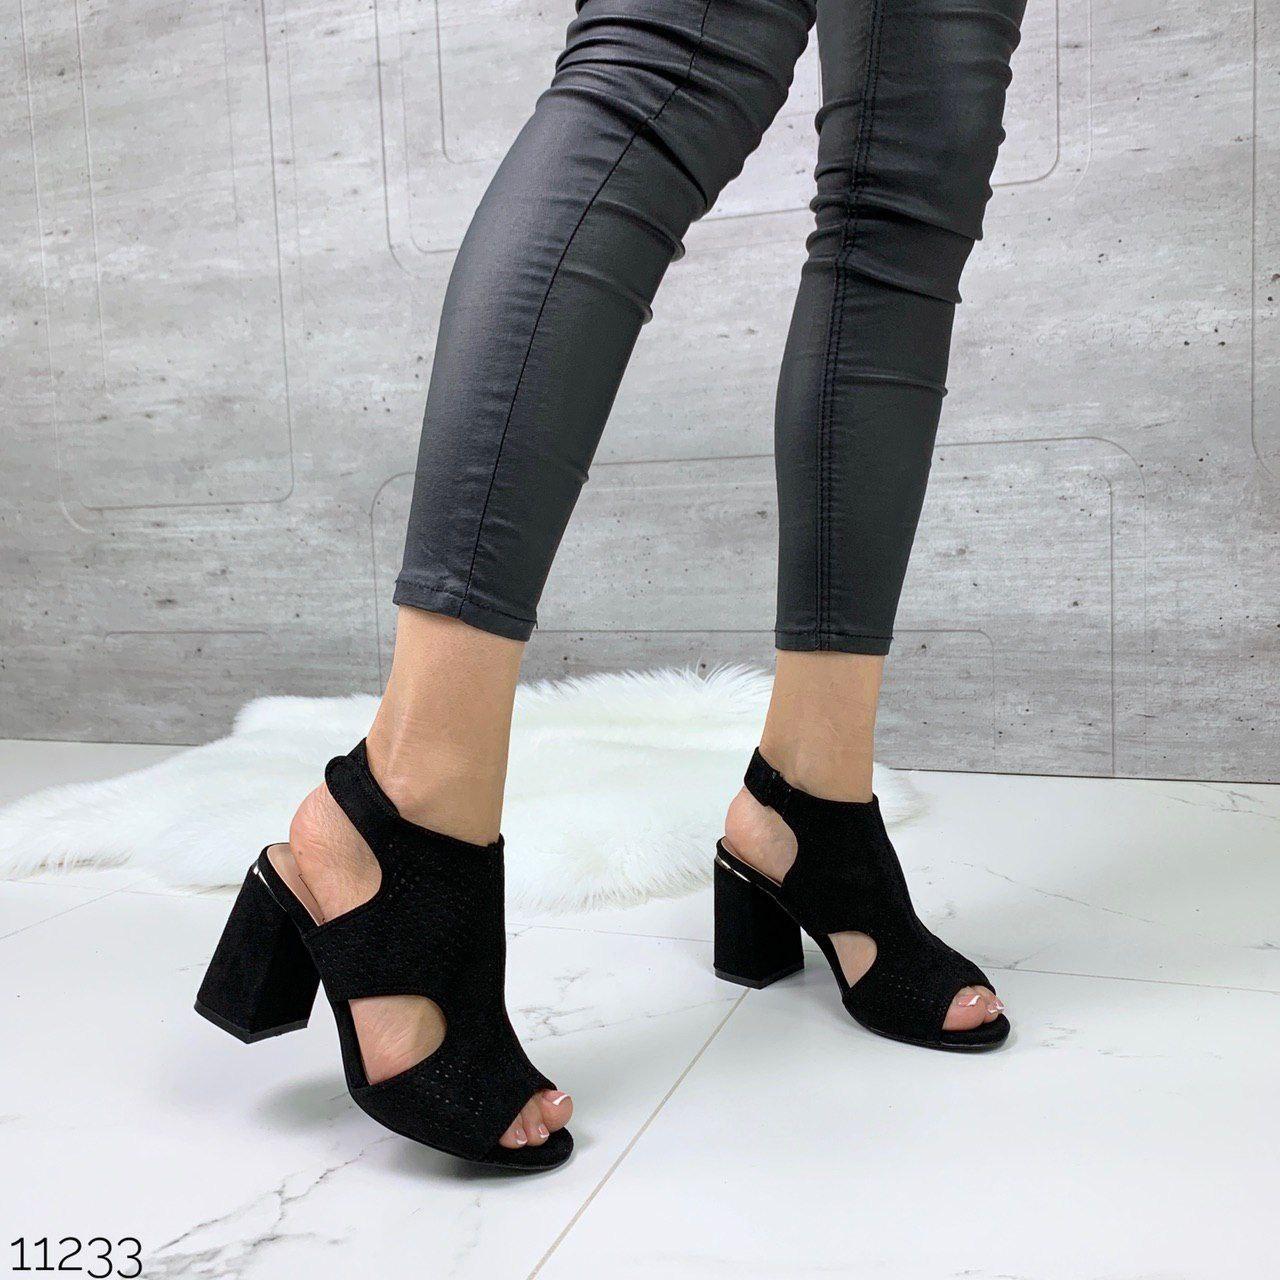 Модные замшевые женские босоножки на устойчивом каблуке